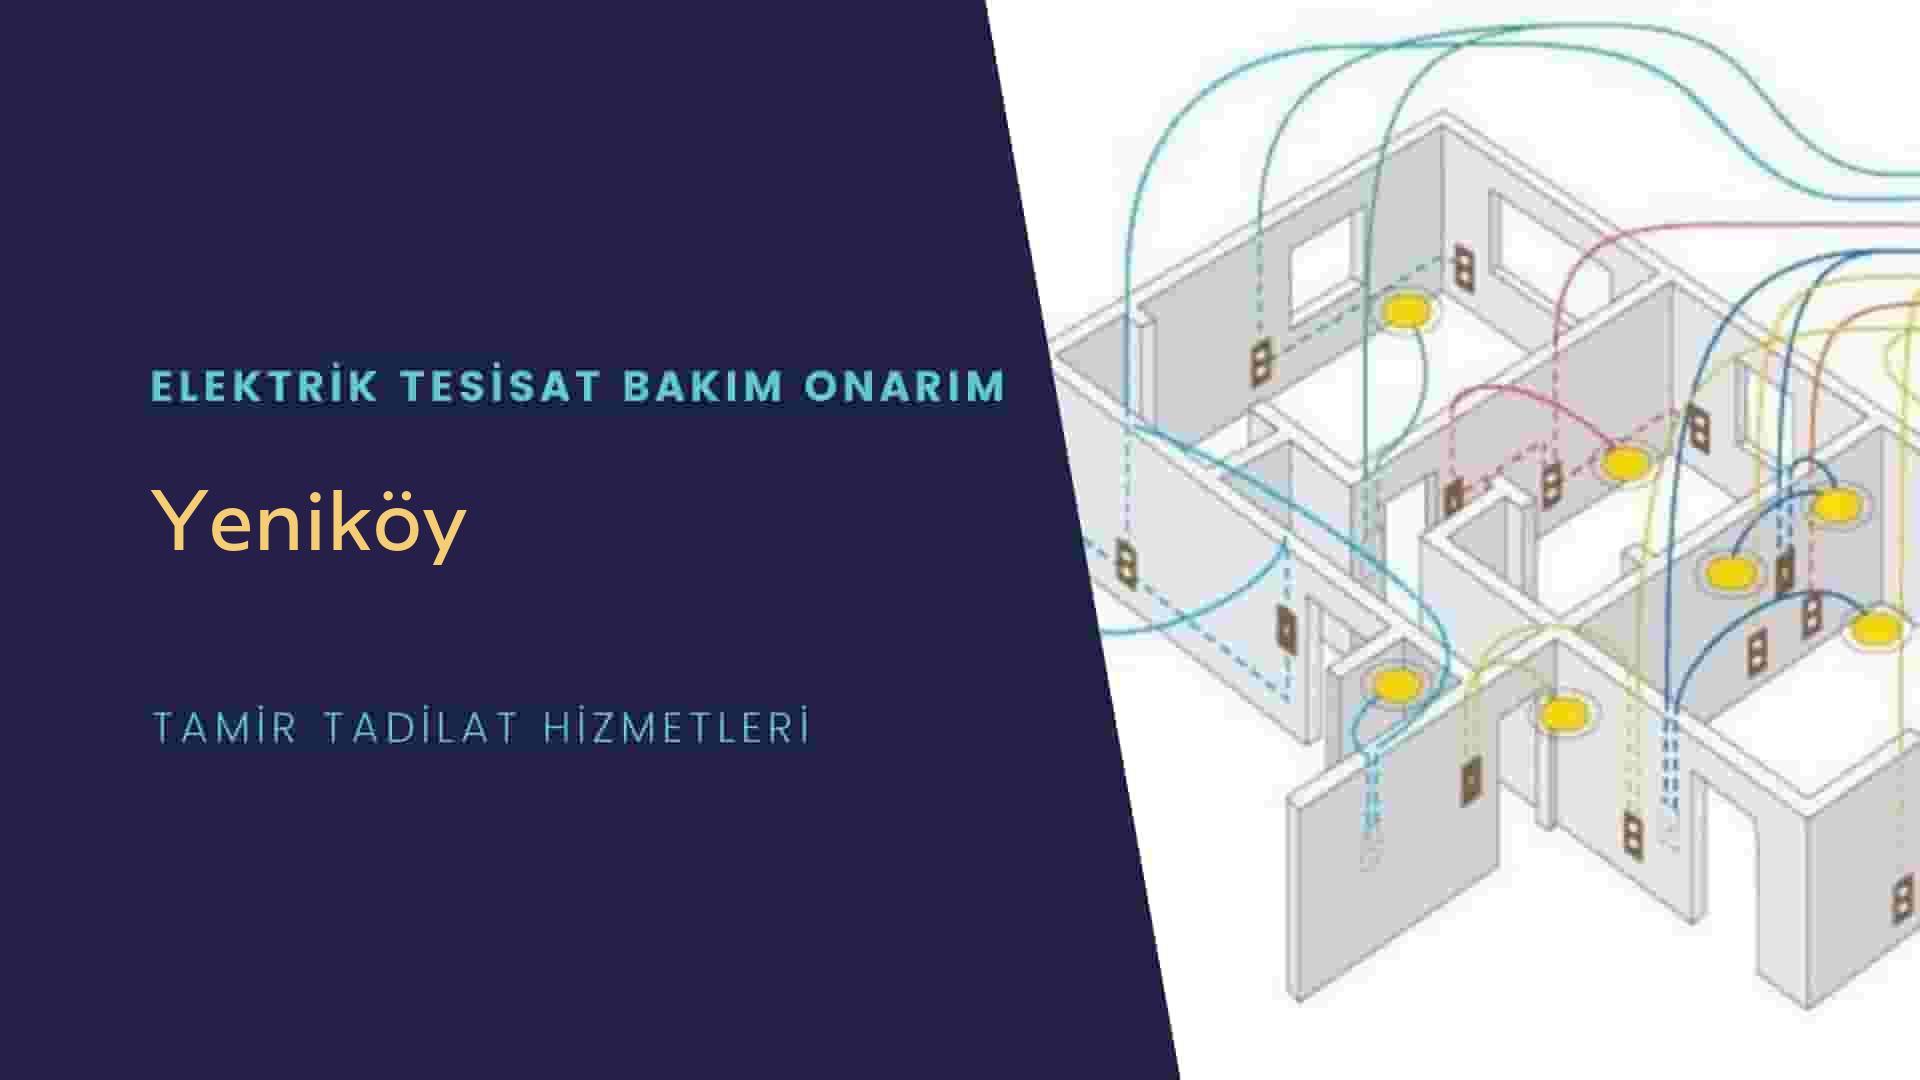 Yeniköy'de elektrik tesisatıustalarımı arıyorsunuz doğru adrestenizi Yeniköy elektrik tesisatı ustalarımız 7/24 sizlere hizmet vermekten mutluluk duyar.